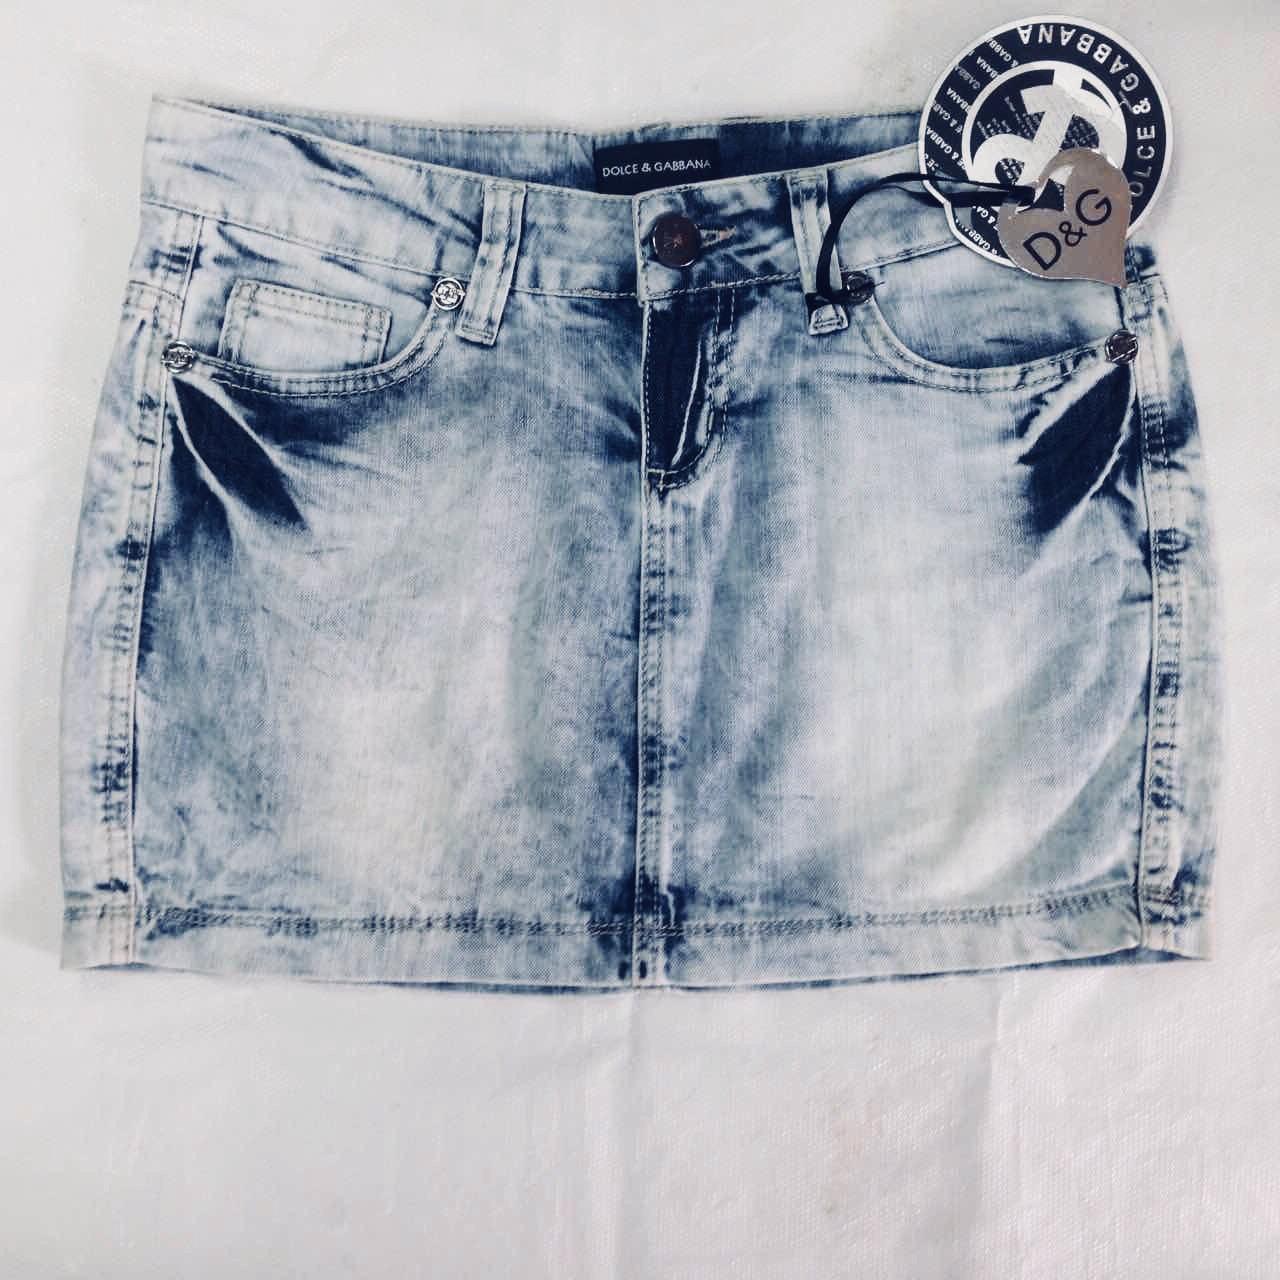 Юбка в стиле Dolce&Gabbana джинсовая мини голубая